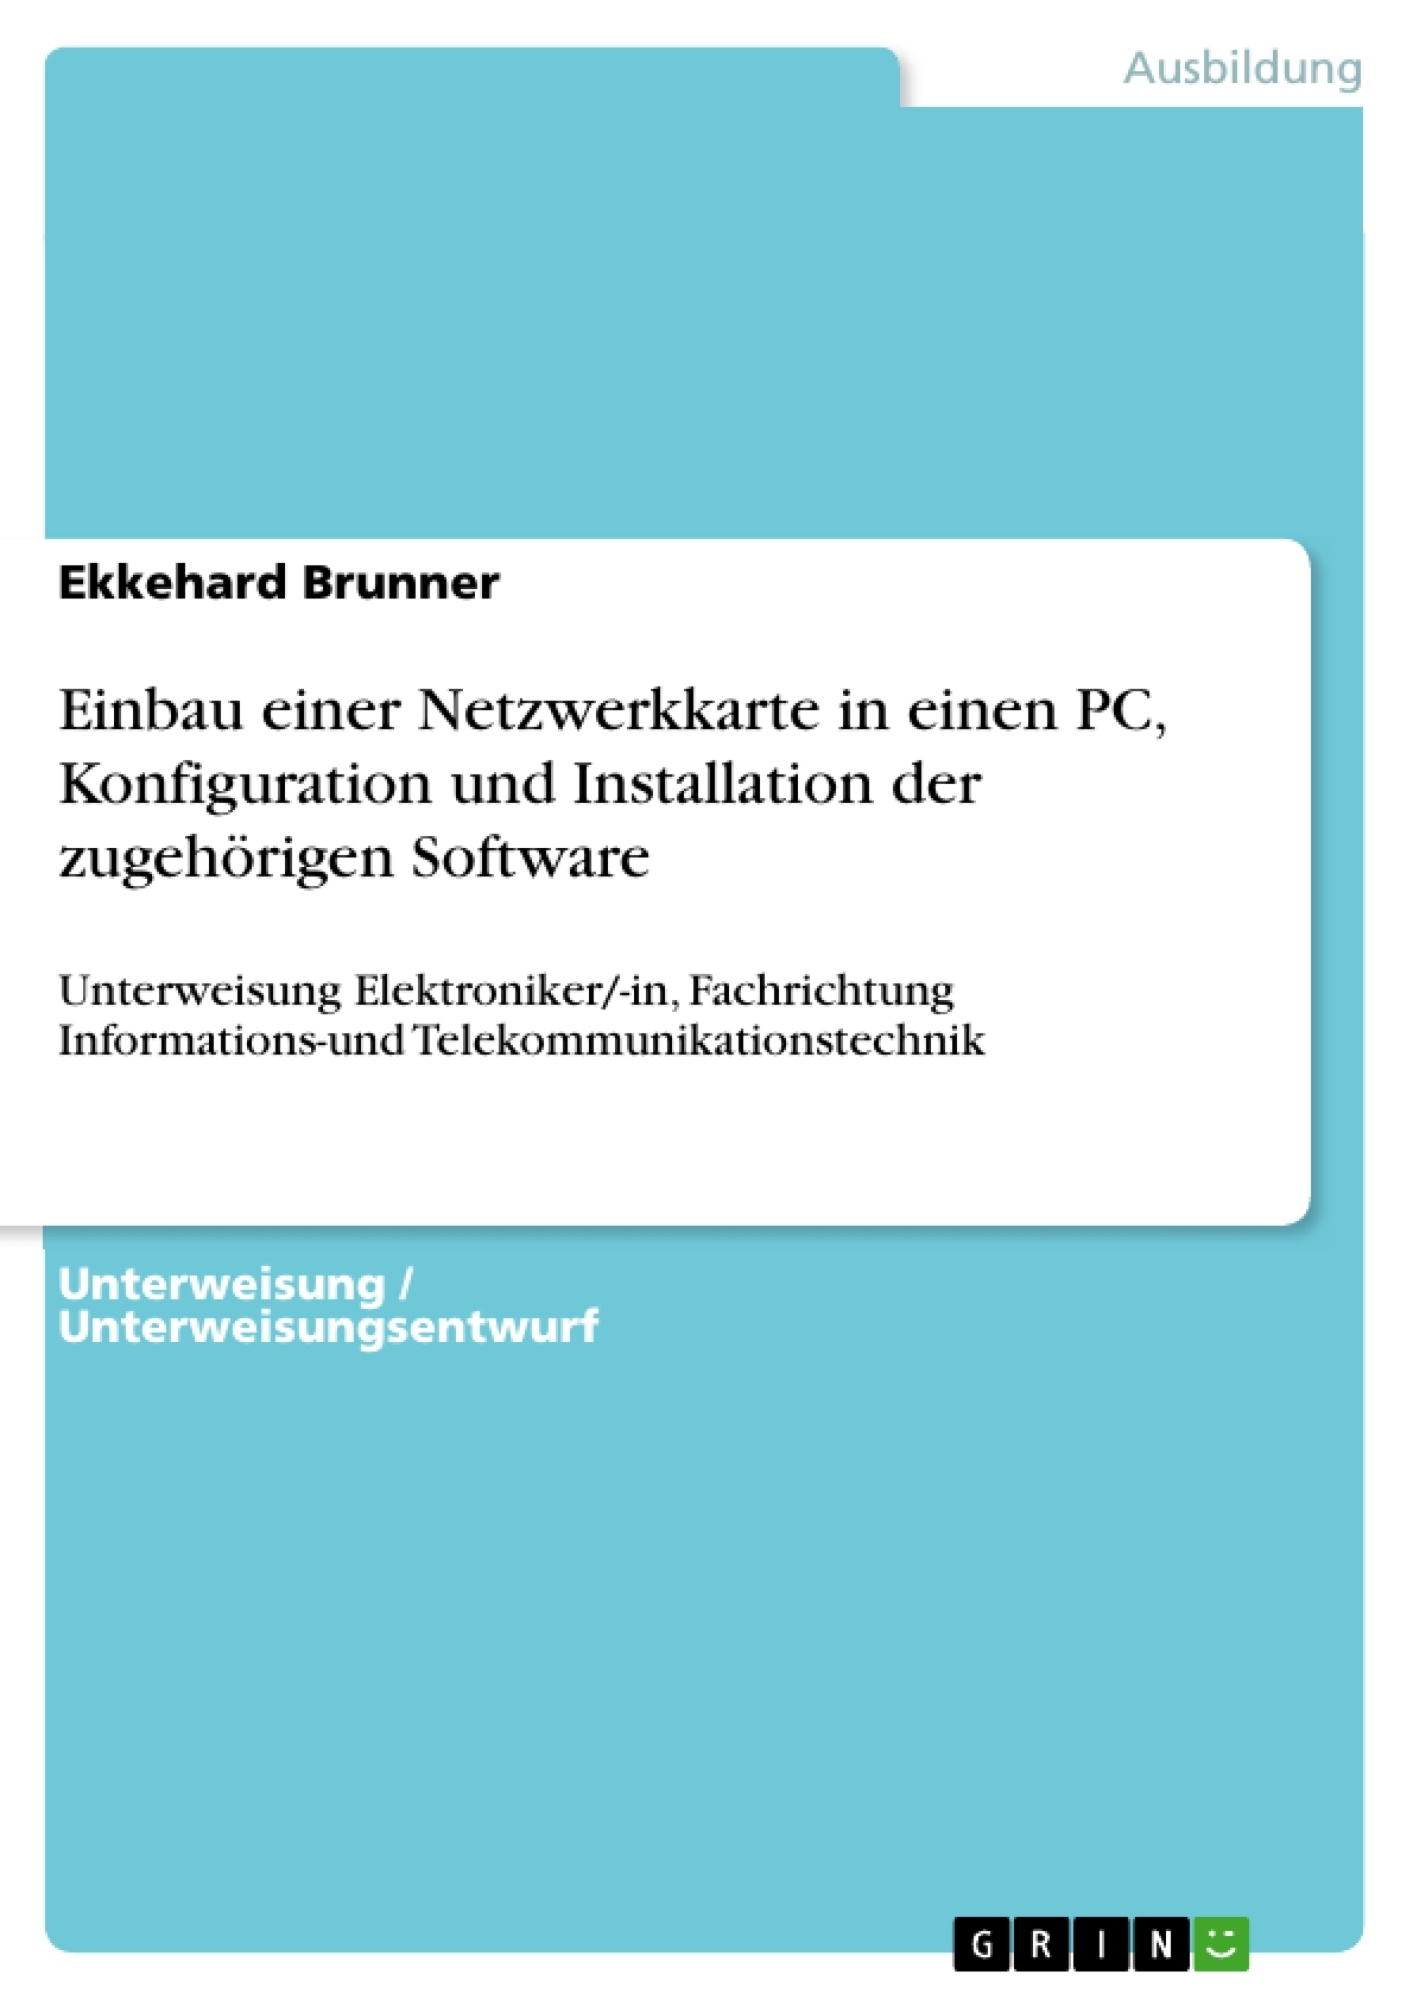 Titel: Einbau einer Netzwerkkarte in einen PC, Konfiguration und Installation der zugehörigen Software